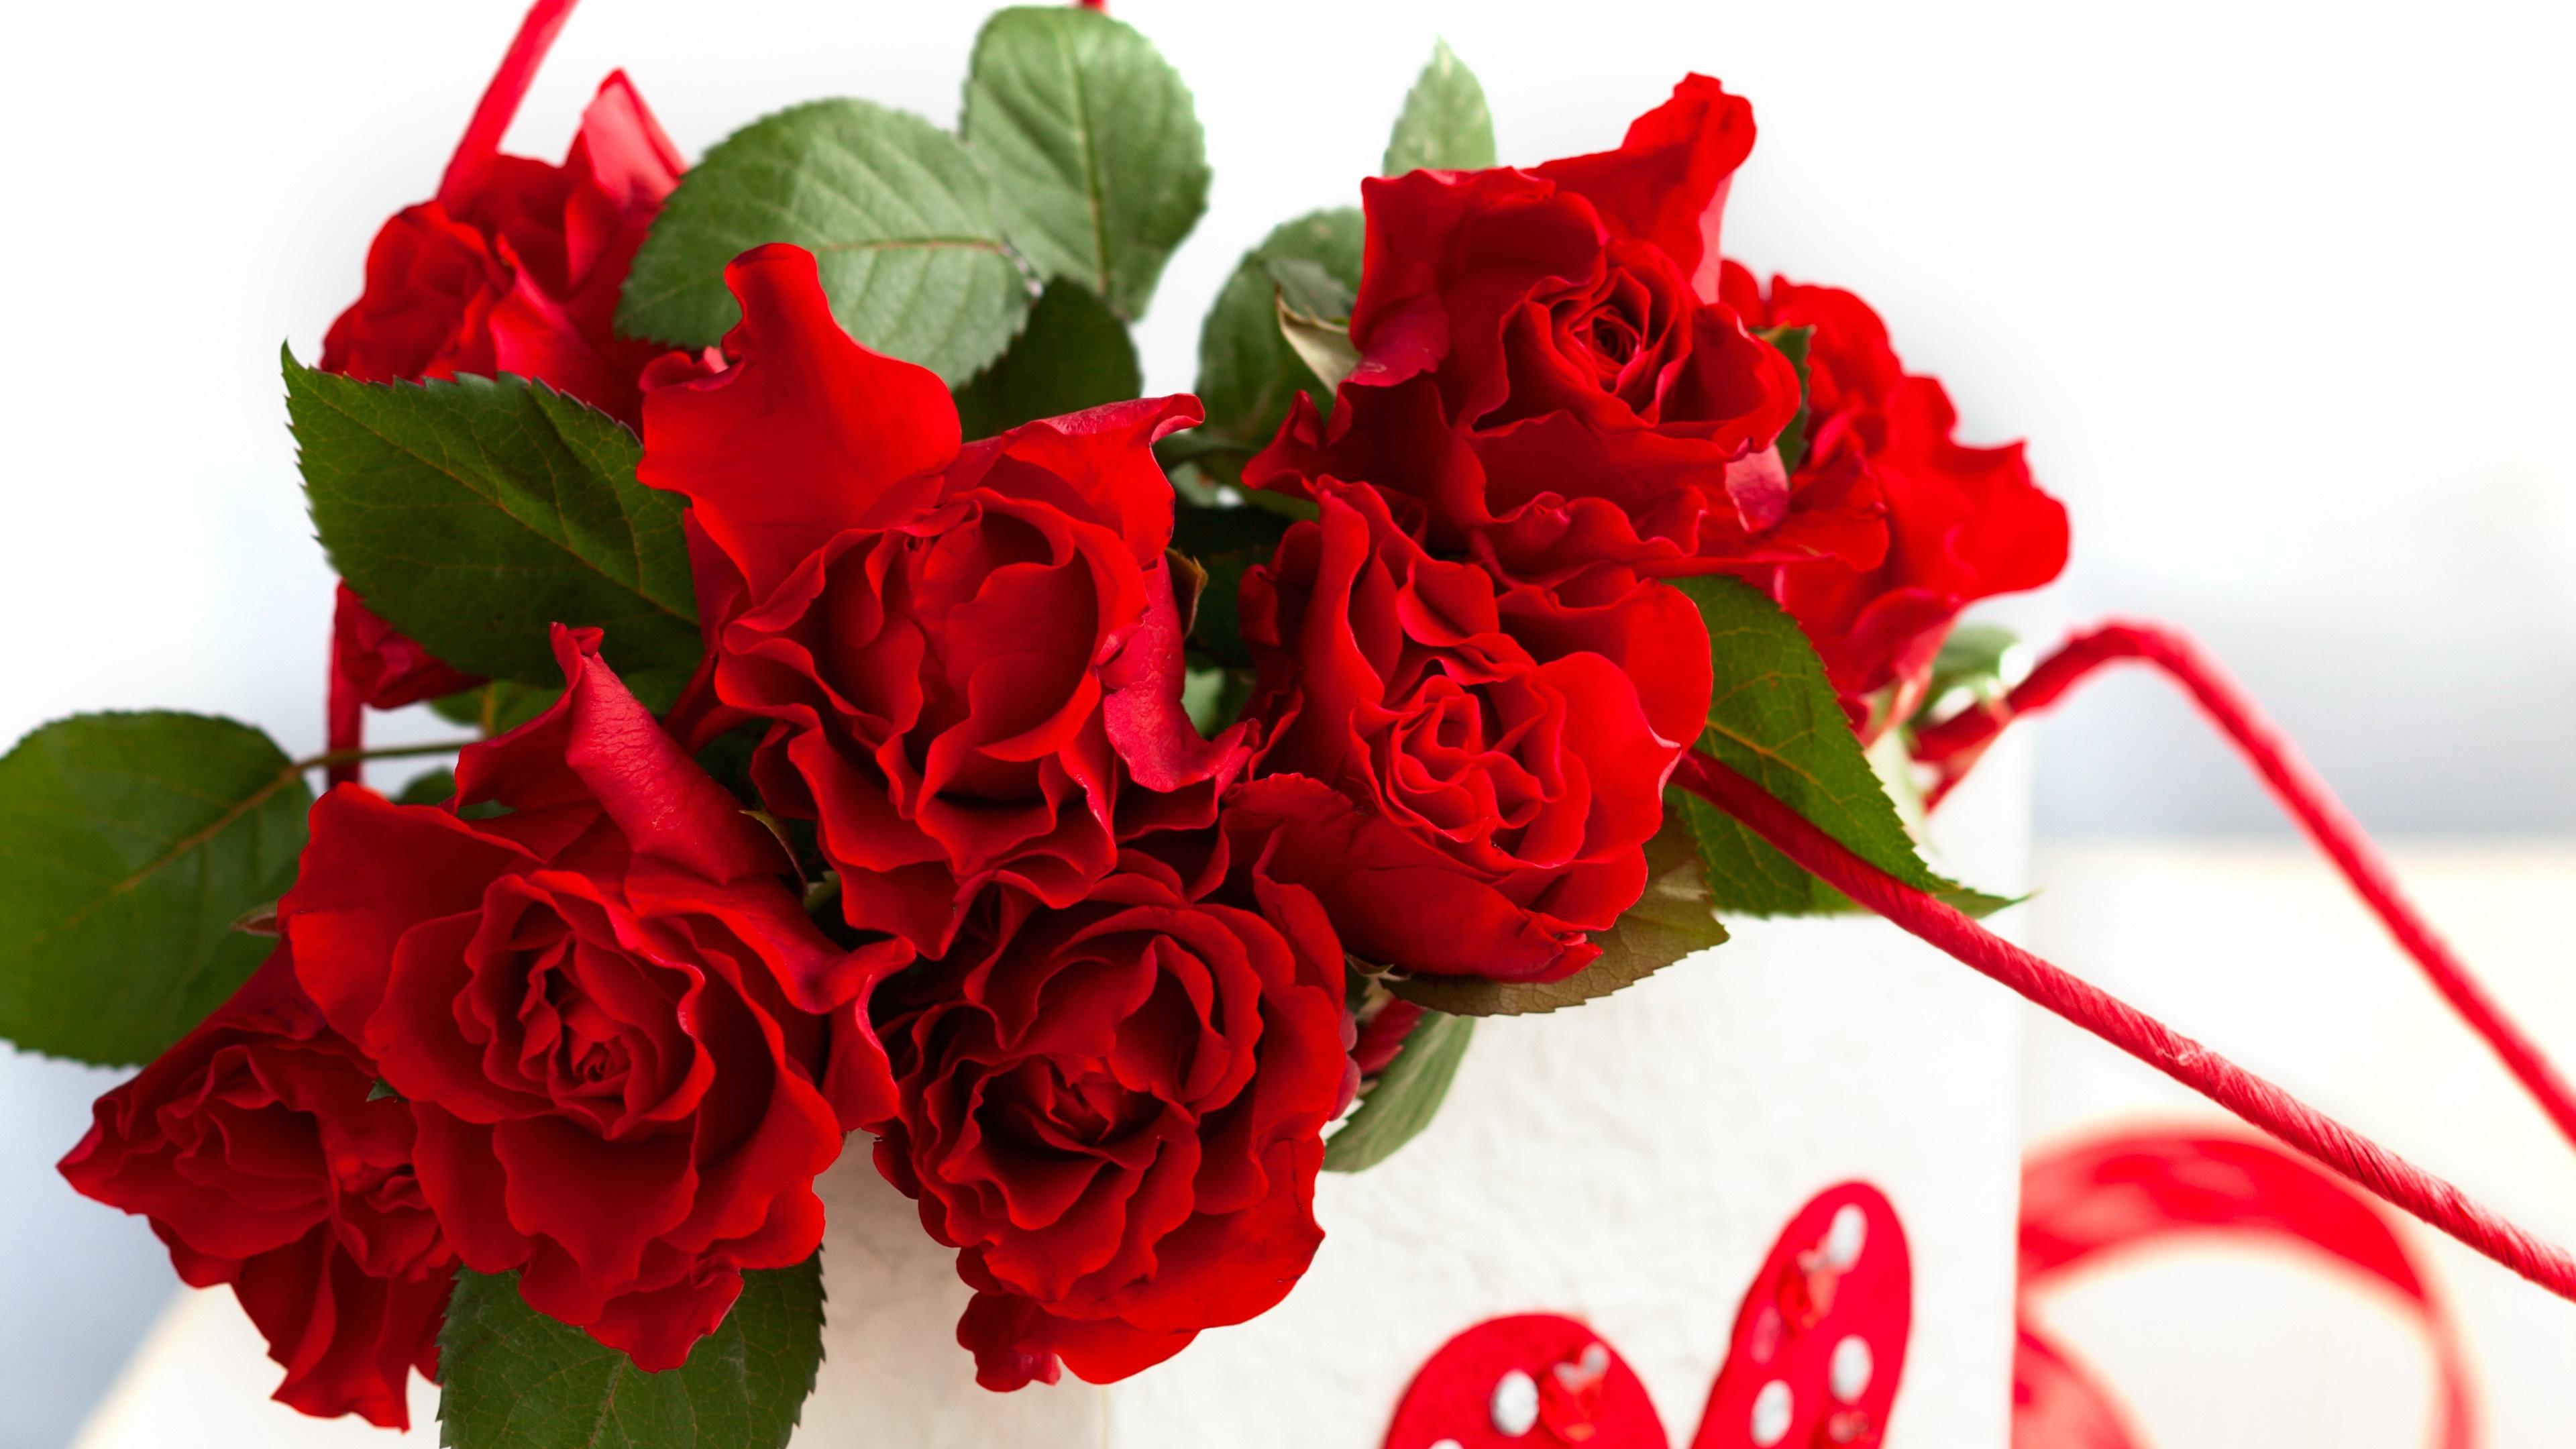 Wallpapers Rosas Rojas: Fondos De Pantalla Bolsa De Papel, Flores Rosas Rojas